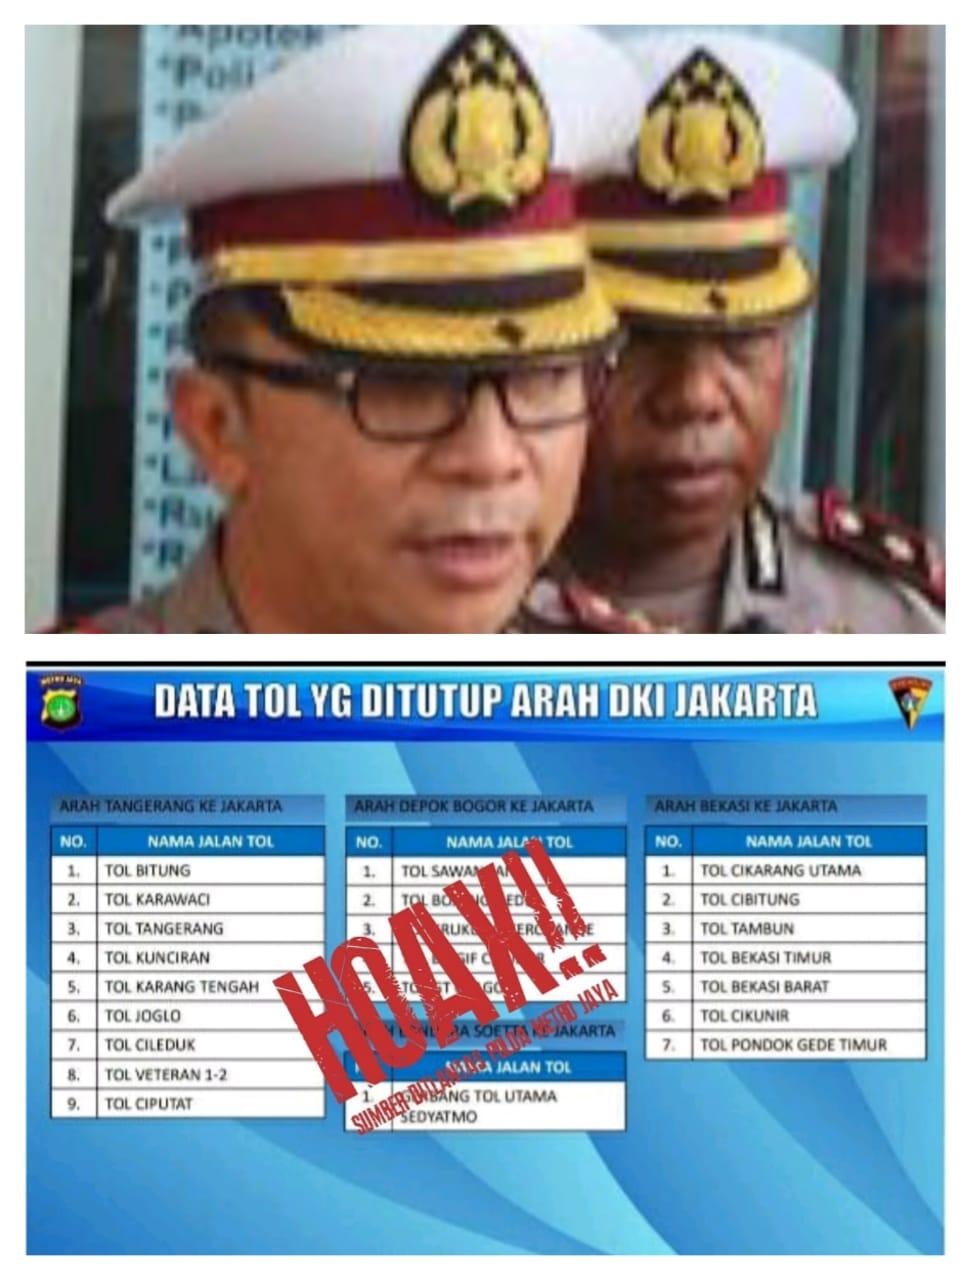 Dirlantas Polda Metro Jaya Pastikan Info Yang Beredar Dimasyarakat Terkait Penutupan Sejumlah Gerbang Tol Menuju Jakarta Akibat Lockdown Yang Viral Saat Ini Adalah Hoax